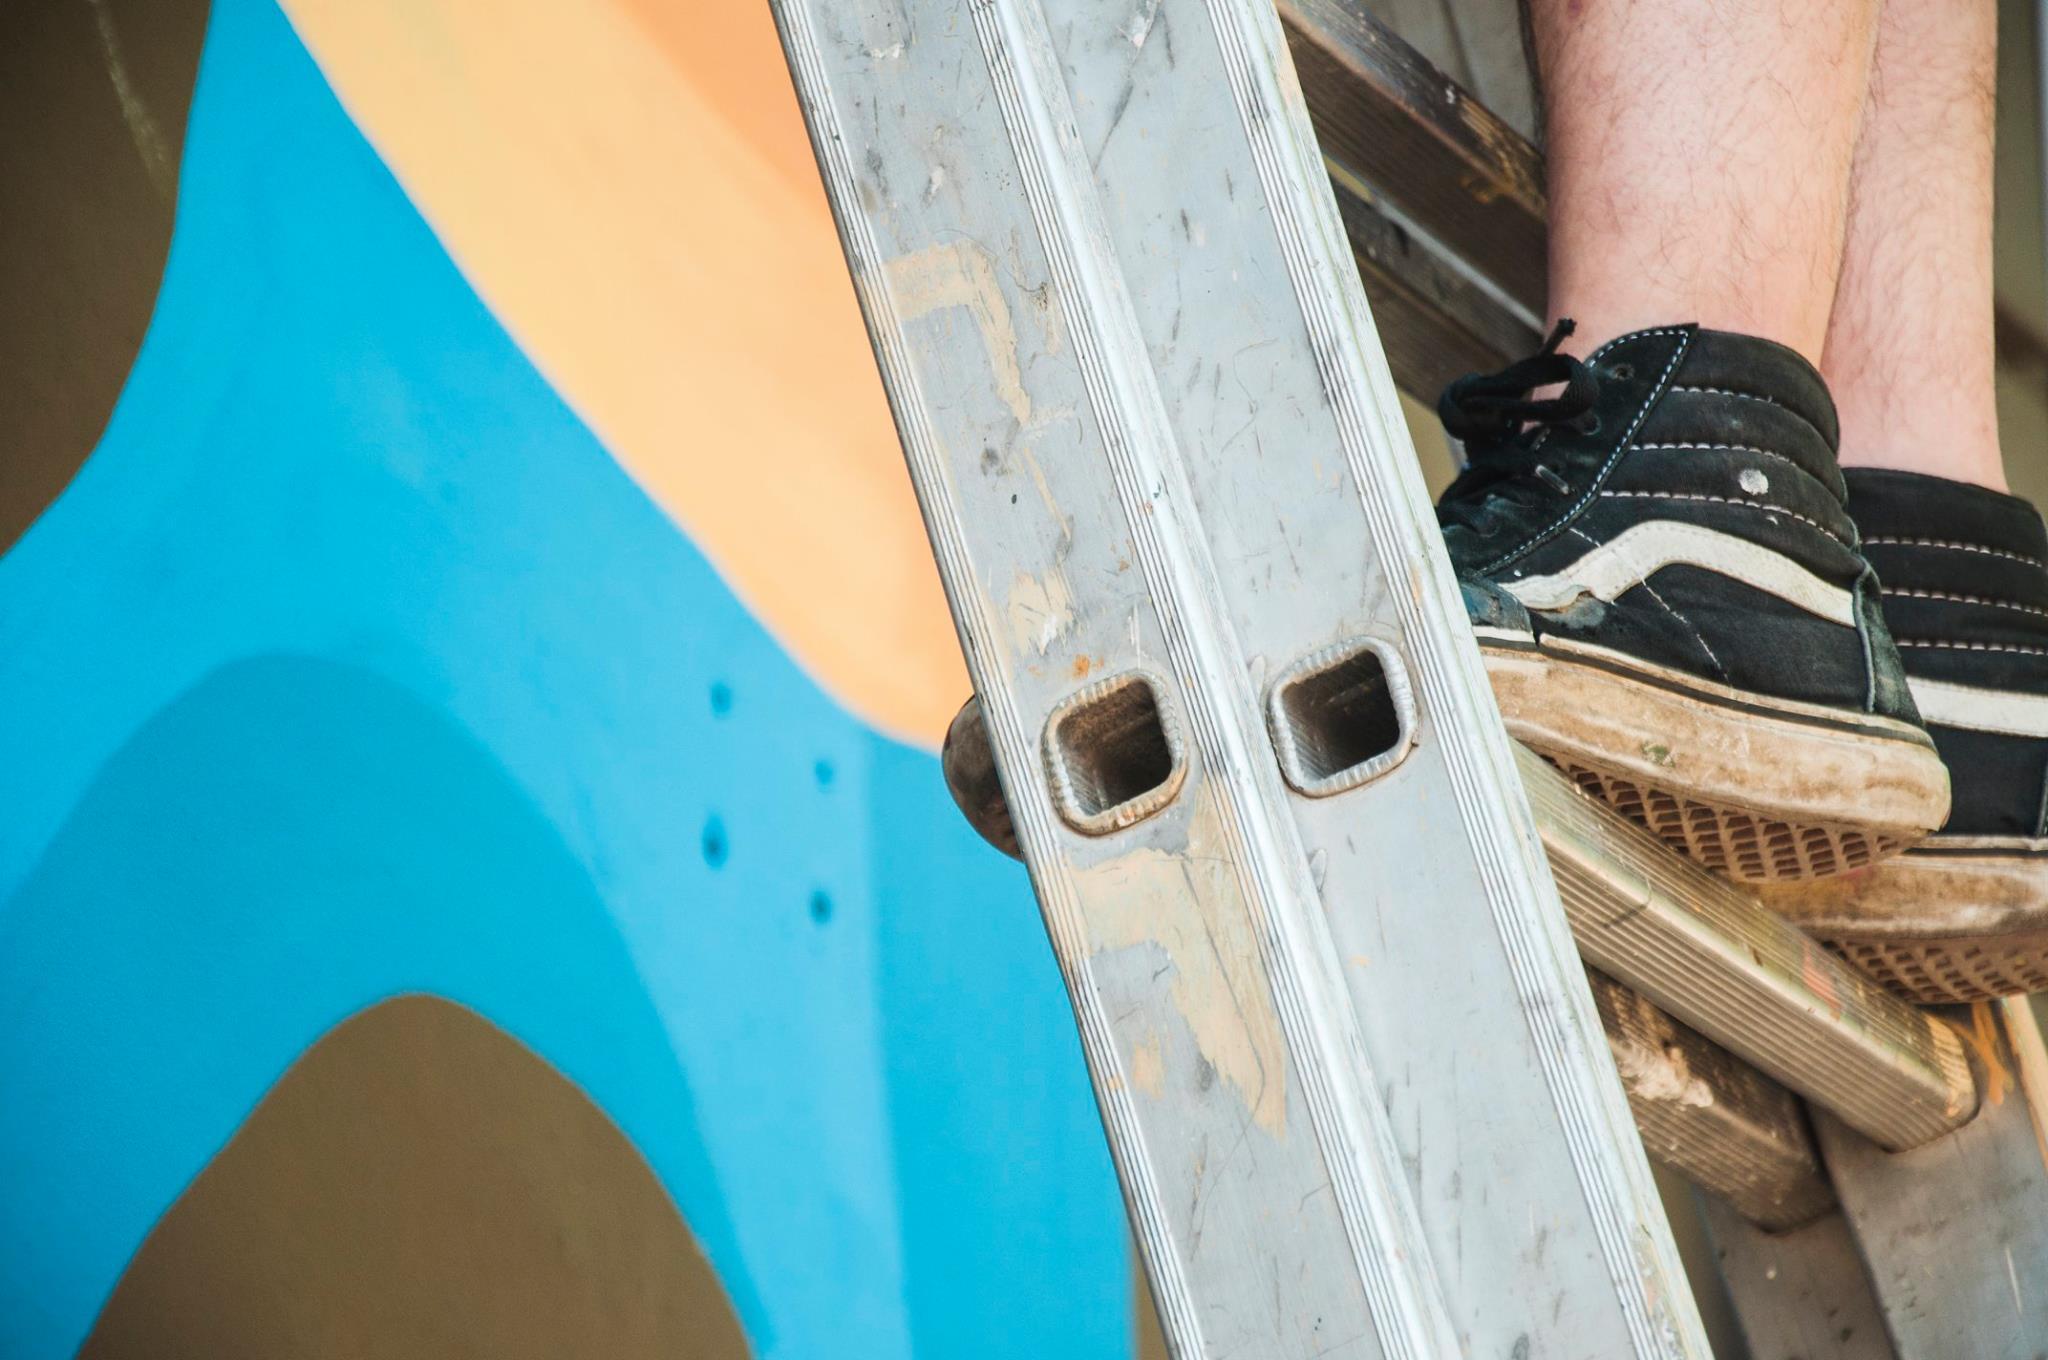 martin-ferreyra-new-mural-for-oficio-residence-02